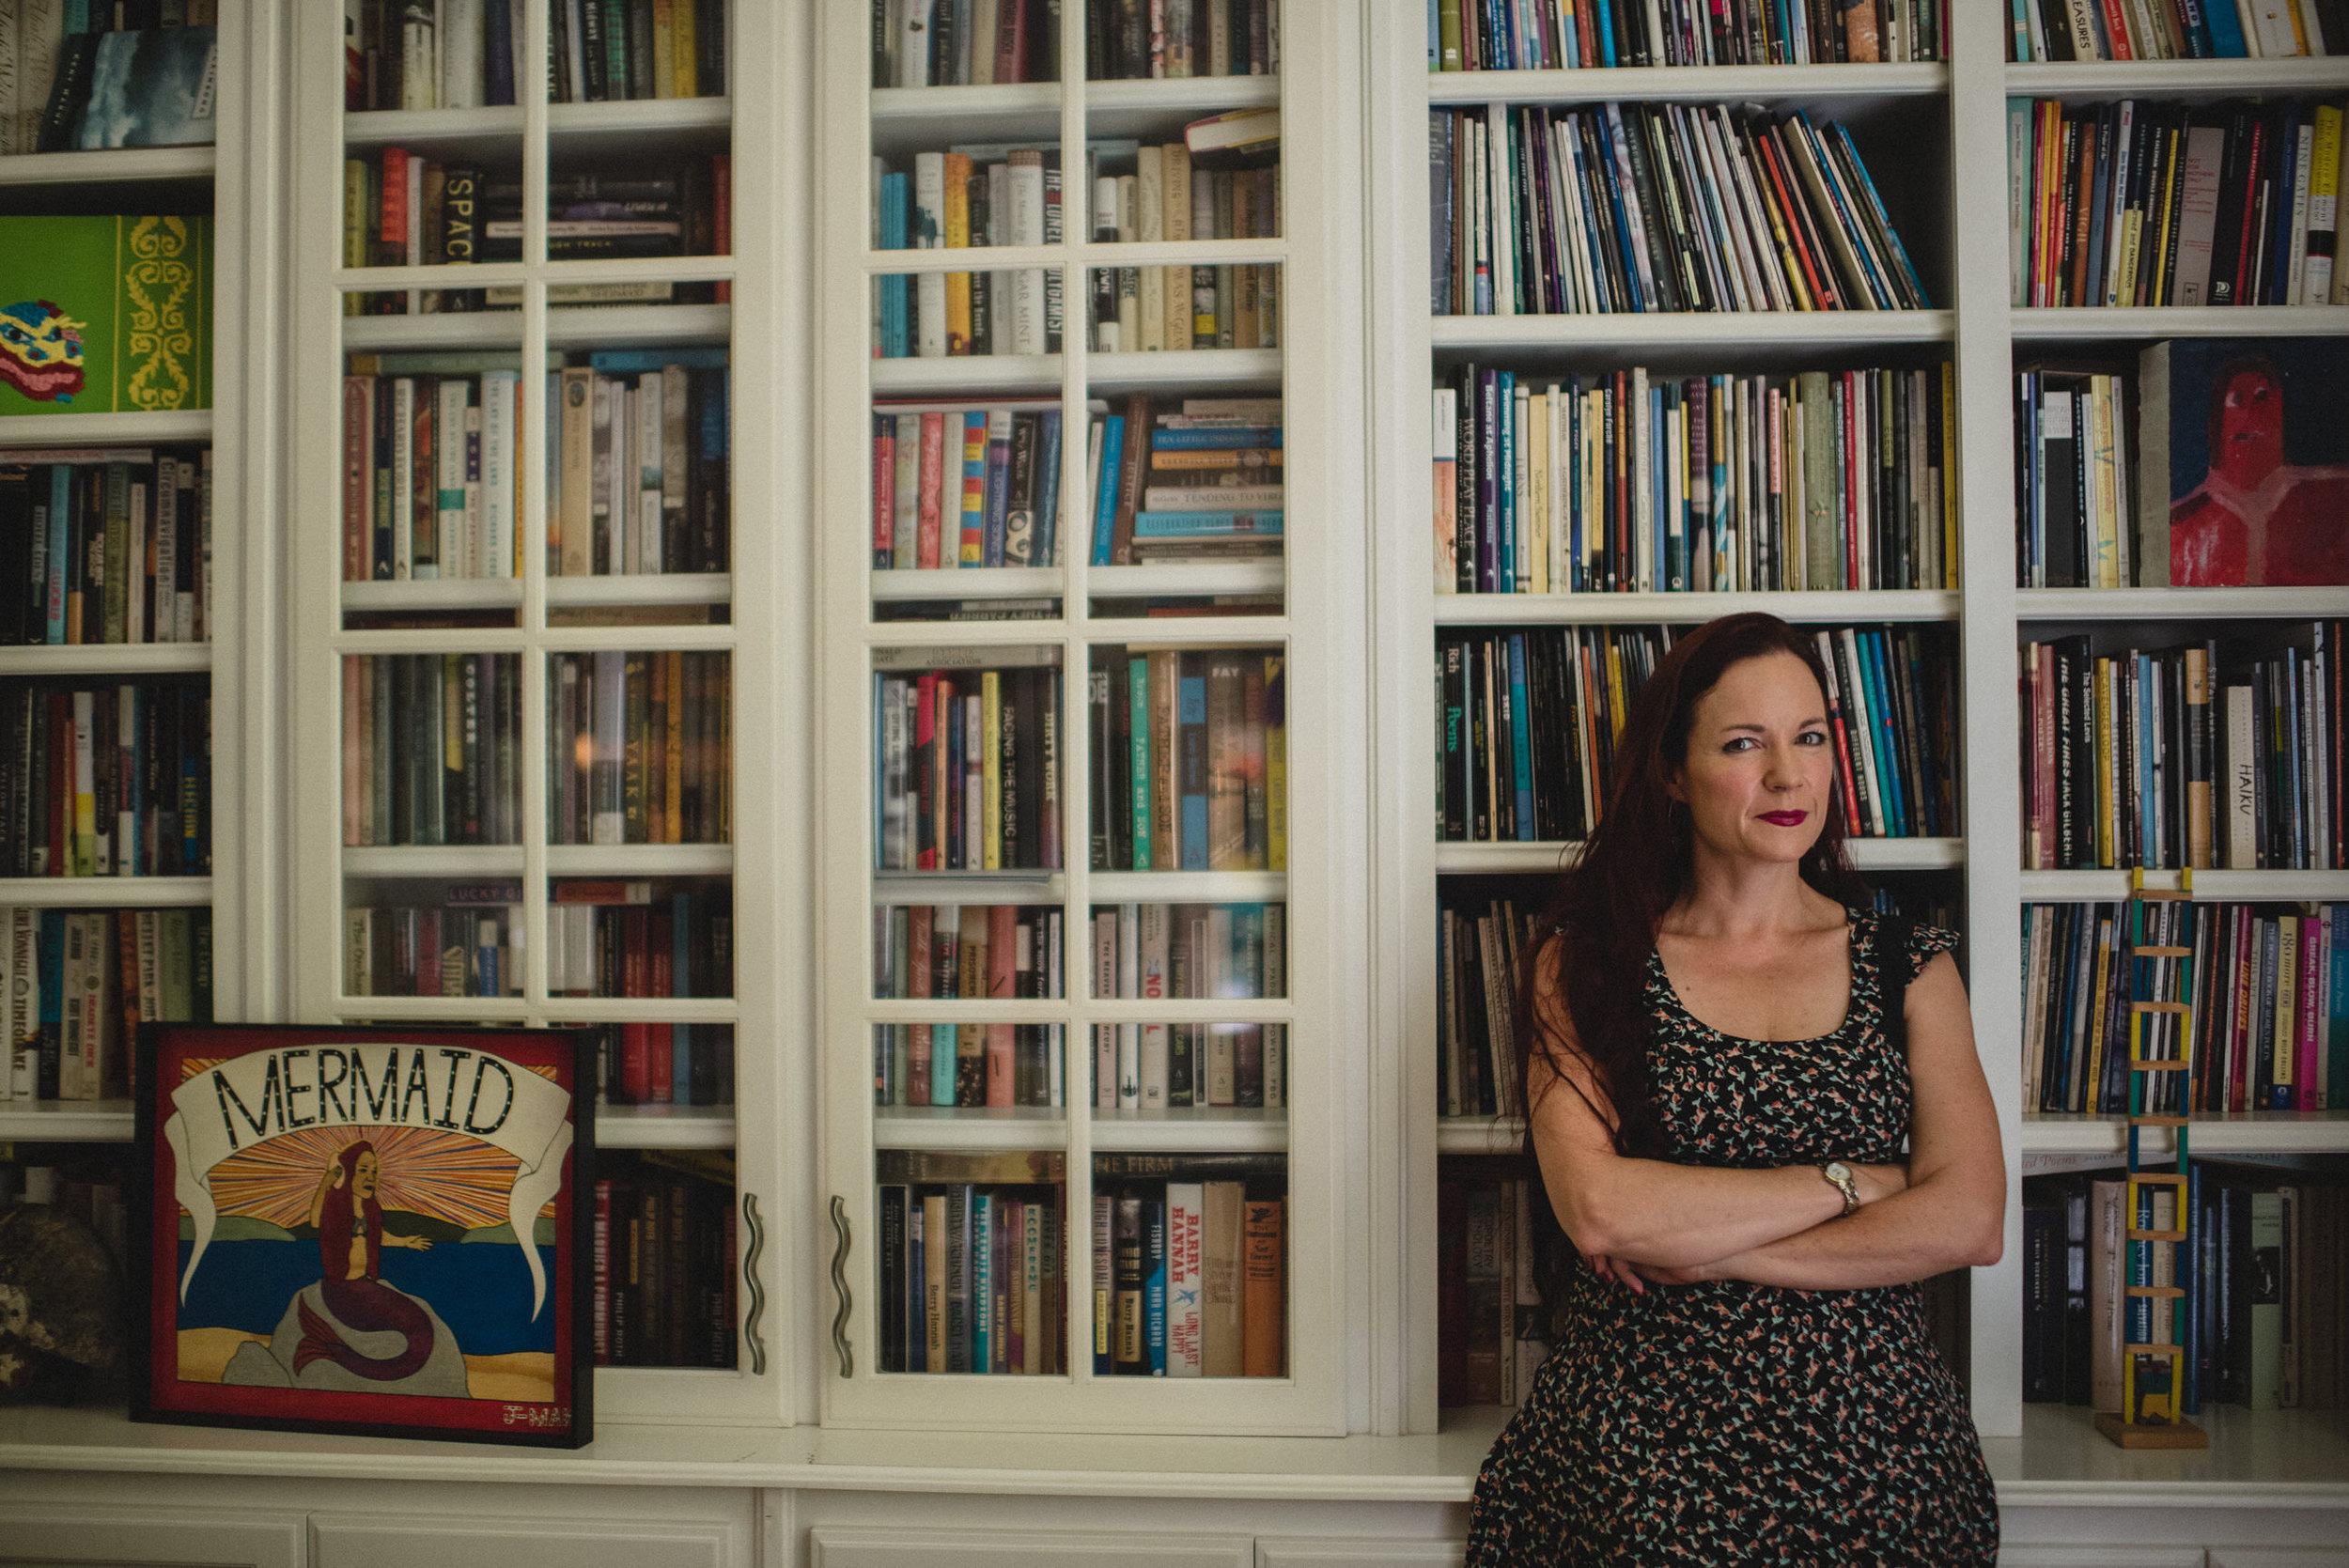 Beth_Ann_Fennelly_MS_Poet_ Laureate_08.jpg